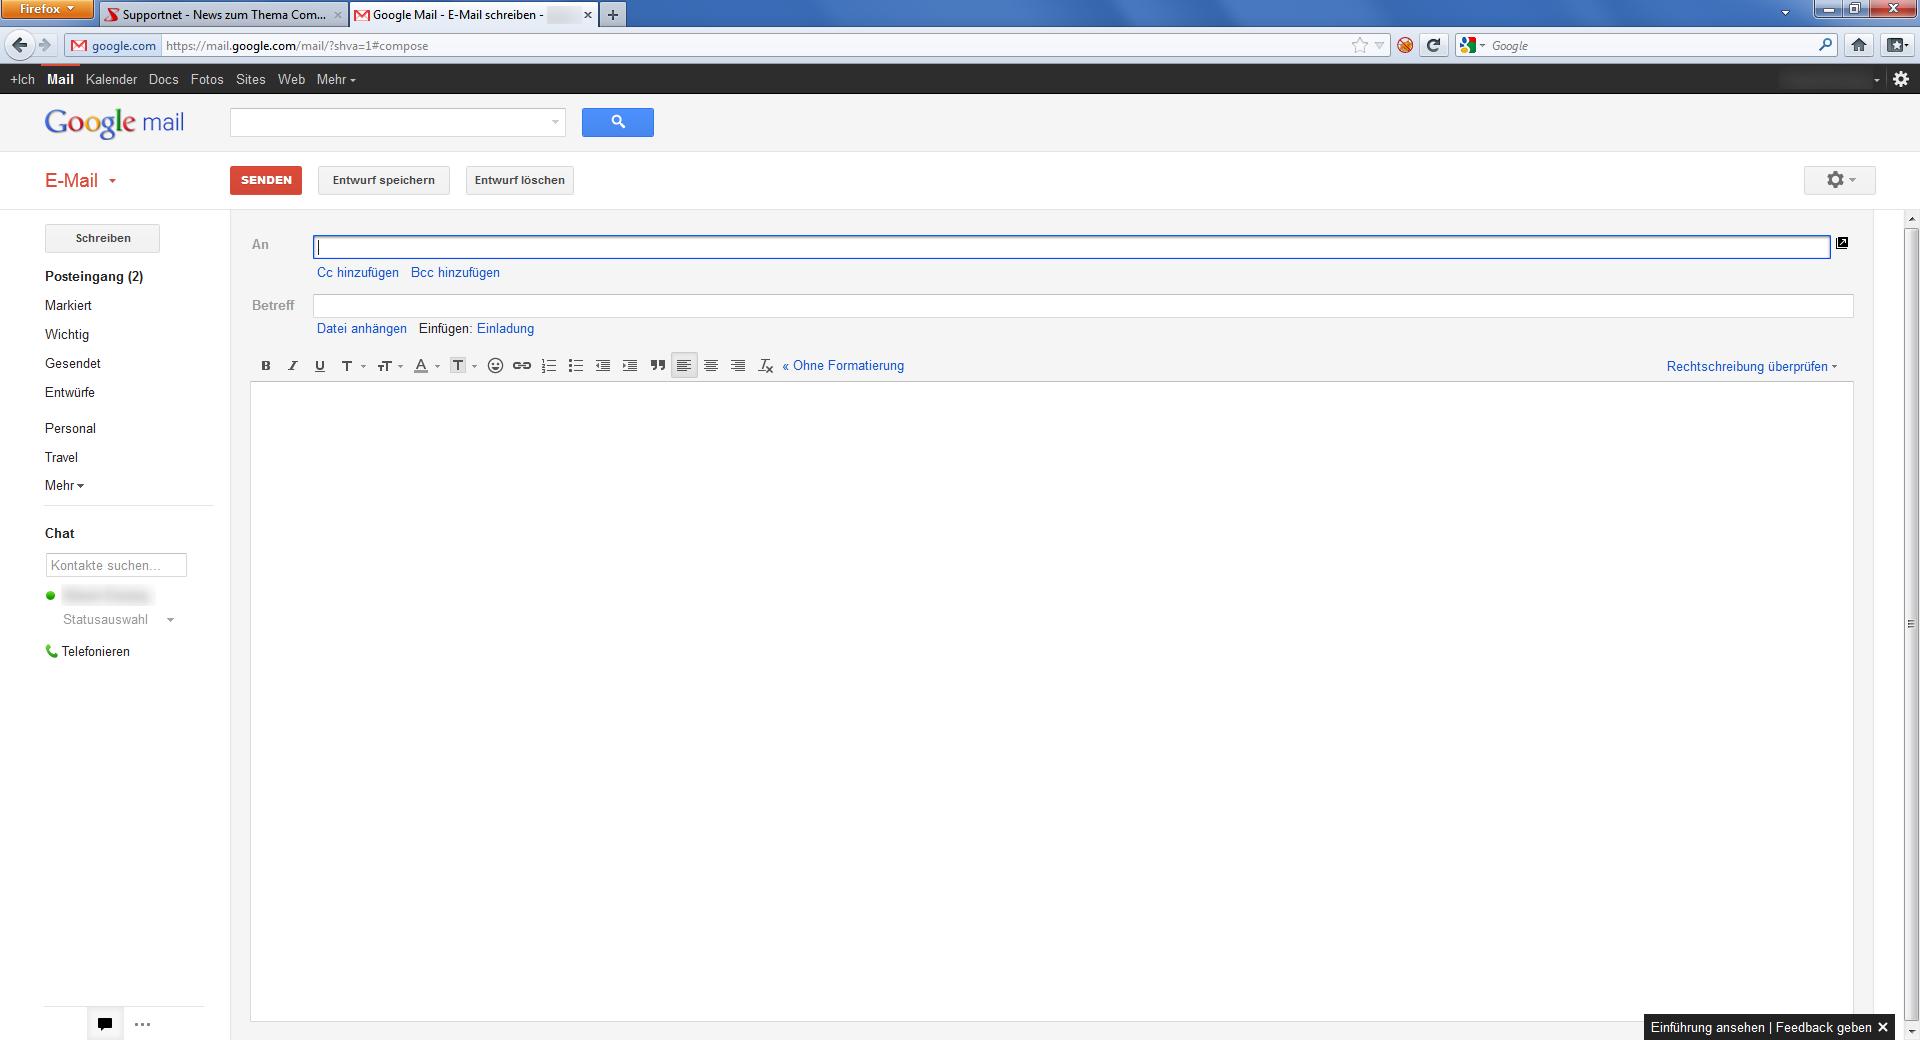 03-google-mail-die-konkurrenz-zu-gmx-und-co-e-mail-schreiben-470.png?nocache=1325759212615